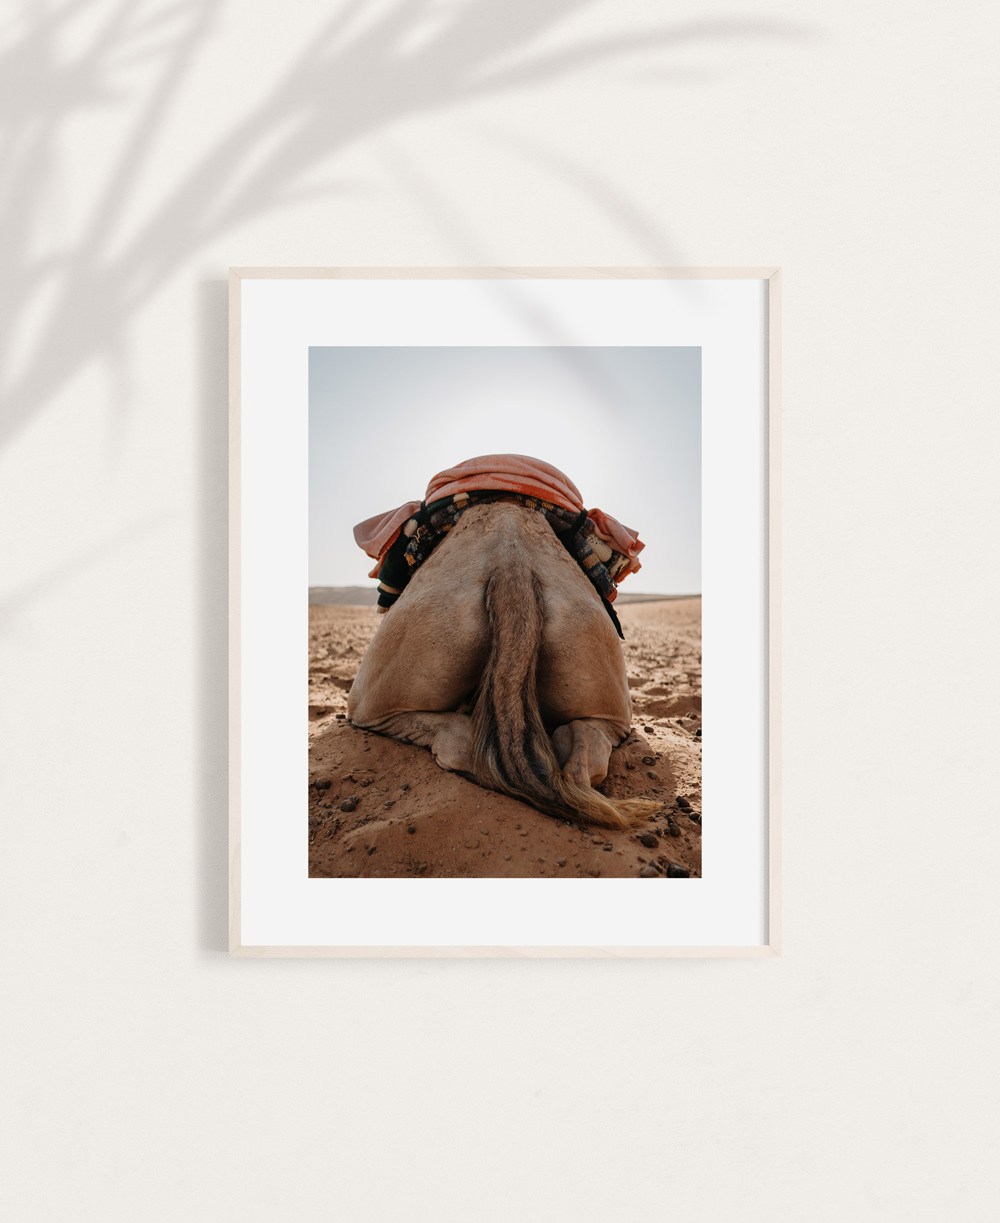 nicischwab-prints-005-camelbooty